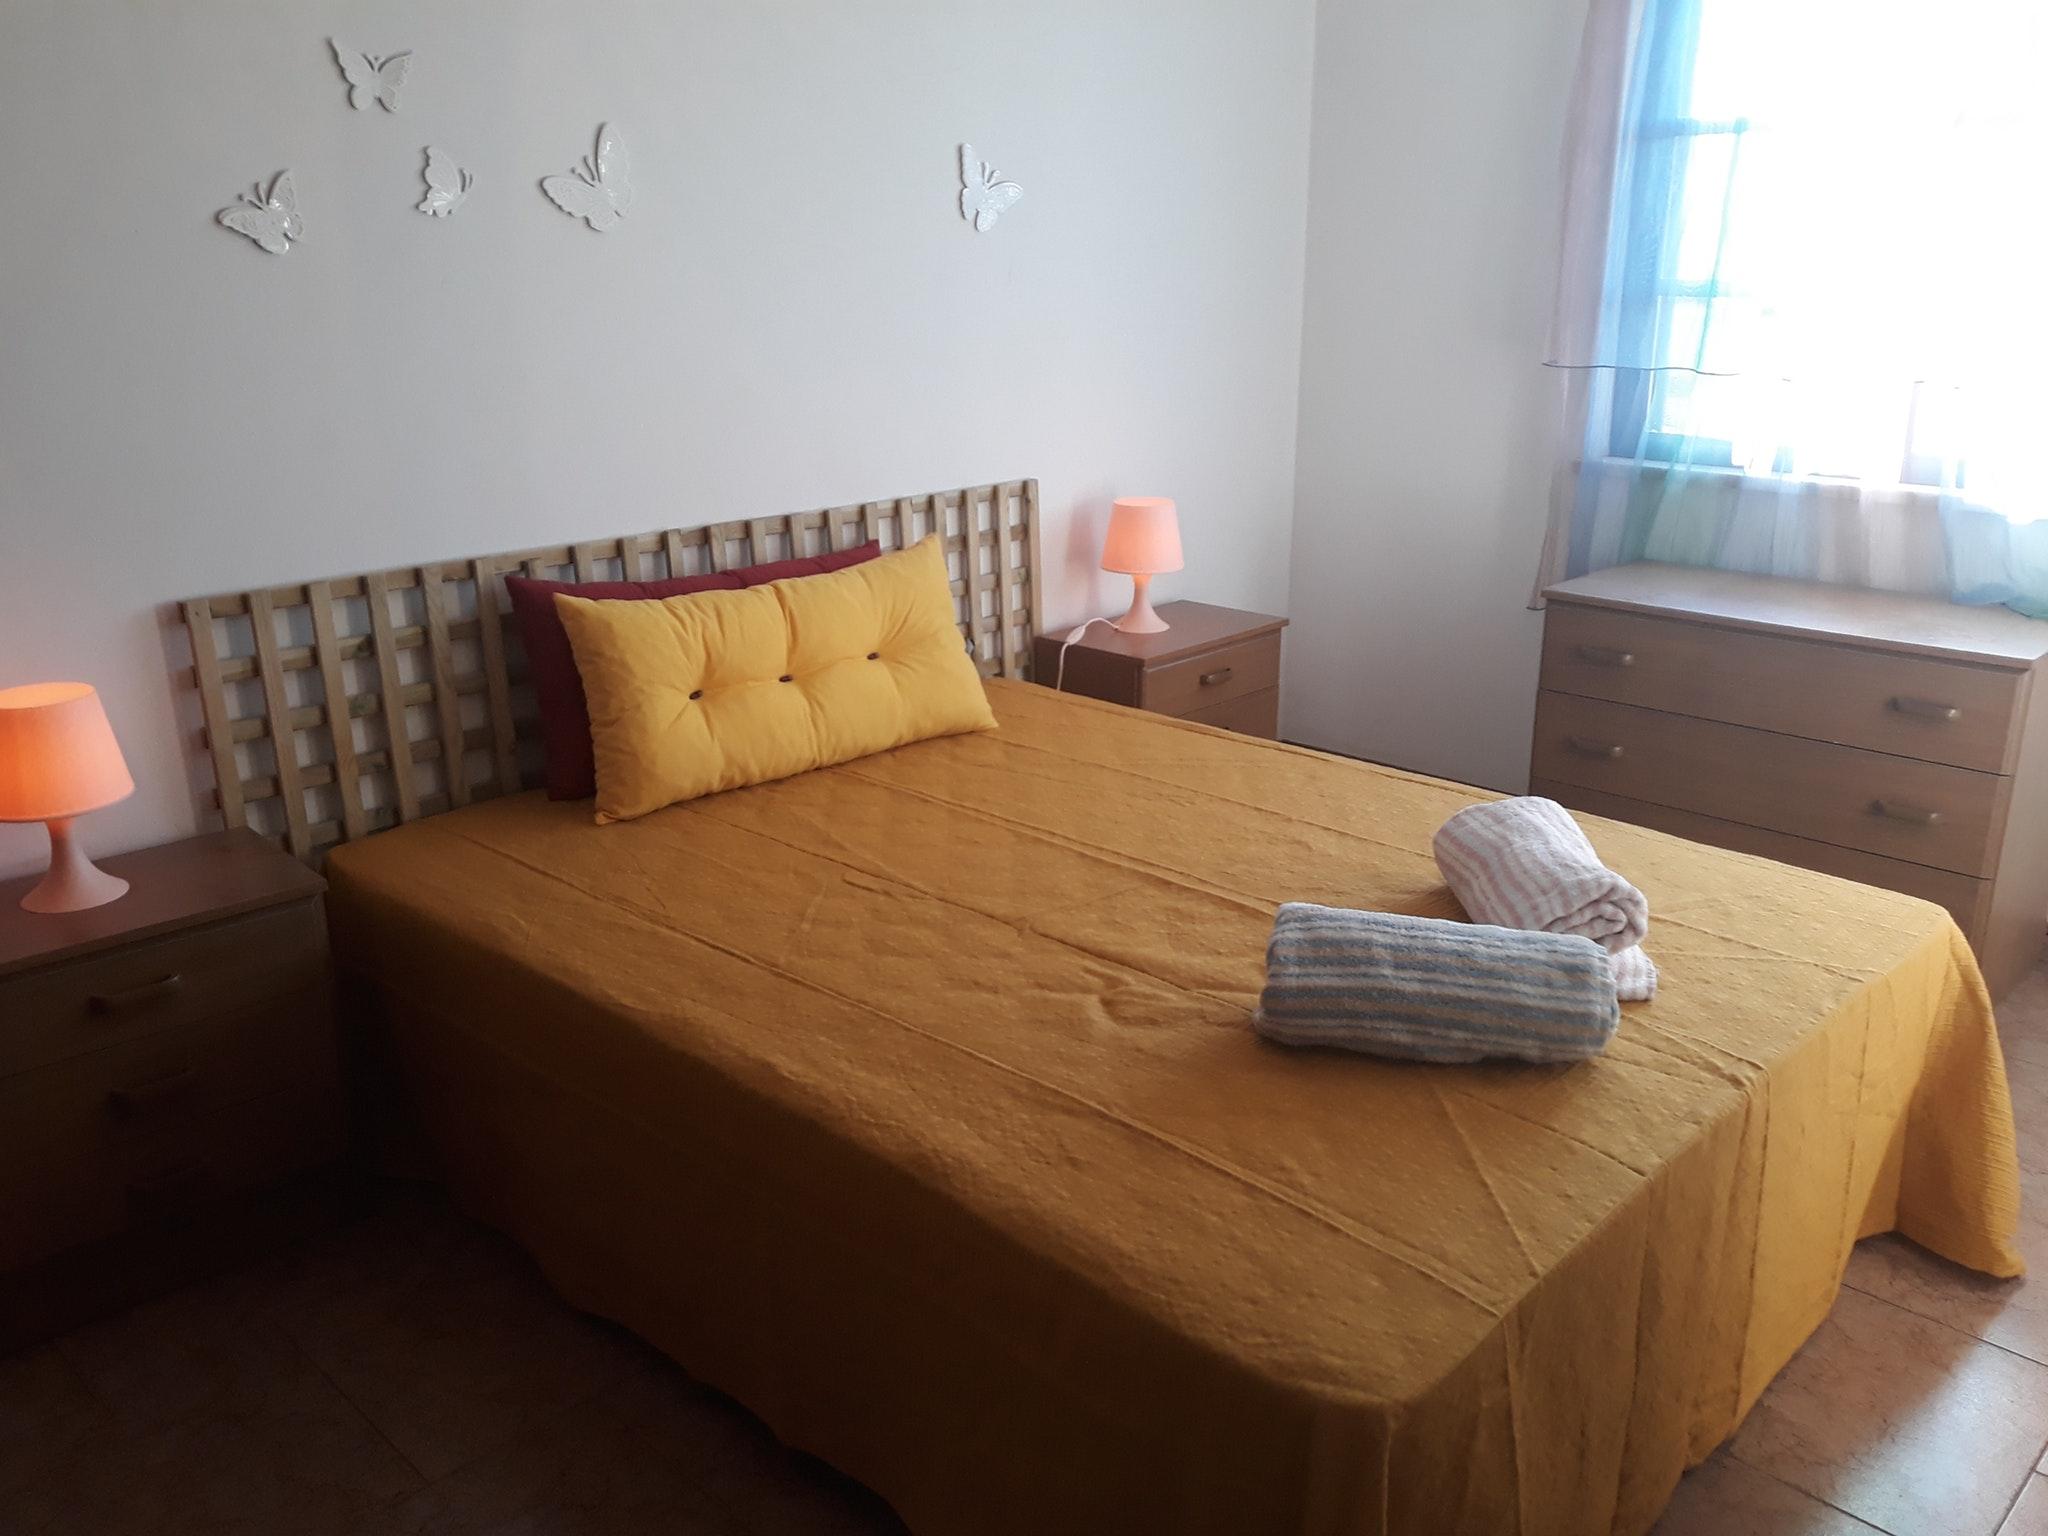 Ferienwohnung Wohnung mit 2 Schlafzimmern in Parchal mit Pool, Balkon und W-LAN - 1 km vom Strand entfer (2622202), Parchal, , Algarve, Portugal, Bild 9